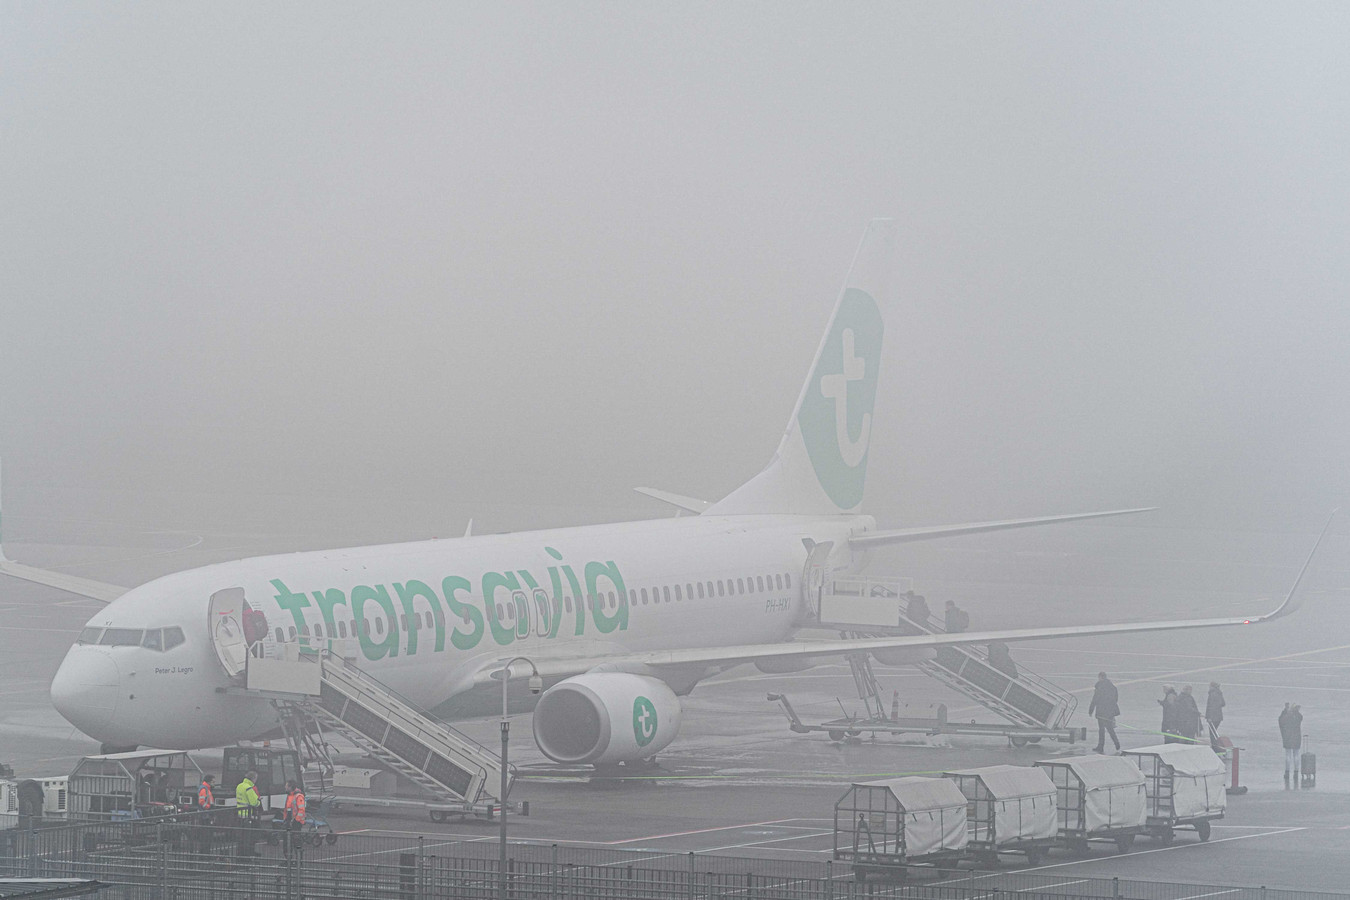 Het vliegverkeer van en naar Eindhoven Airport lag stil als gevolg van de dichte mist.